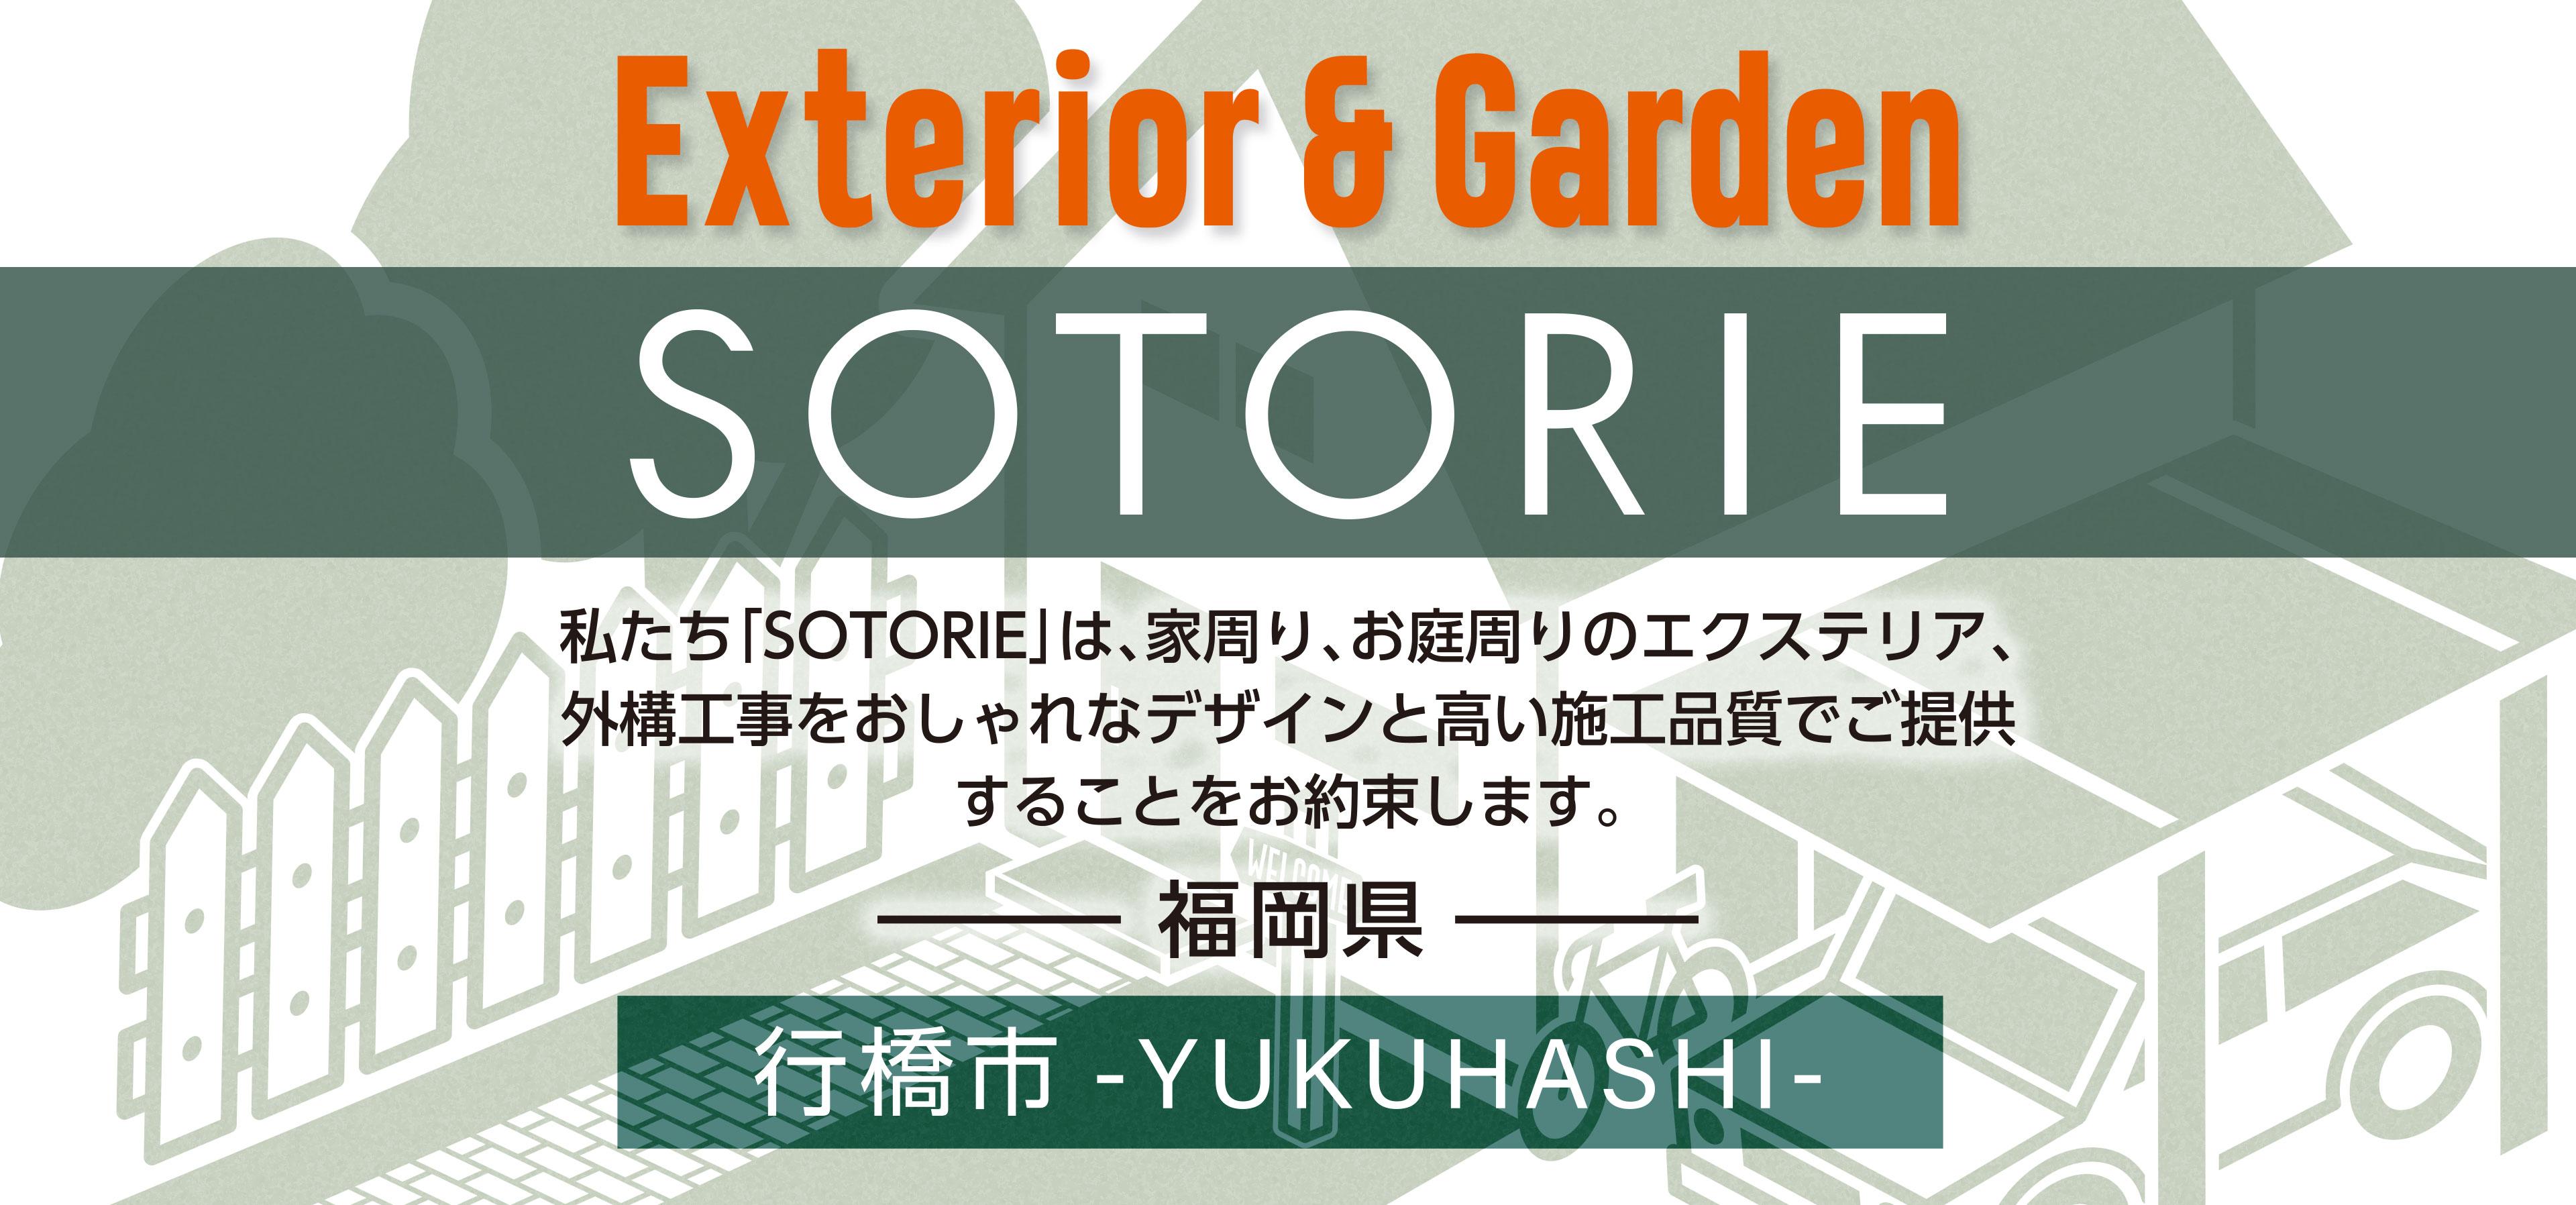 ソトリエ行橋市では、家周りと庭周りの外構、エクステリア工事をおしゃれなデザインと高い施工品質でご提供することをお約束します。